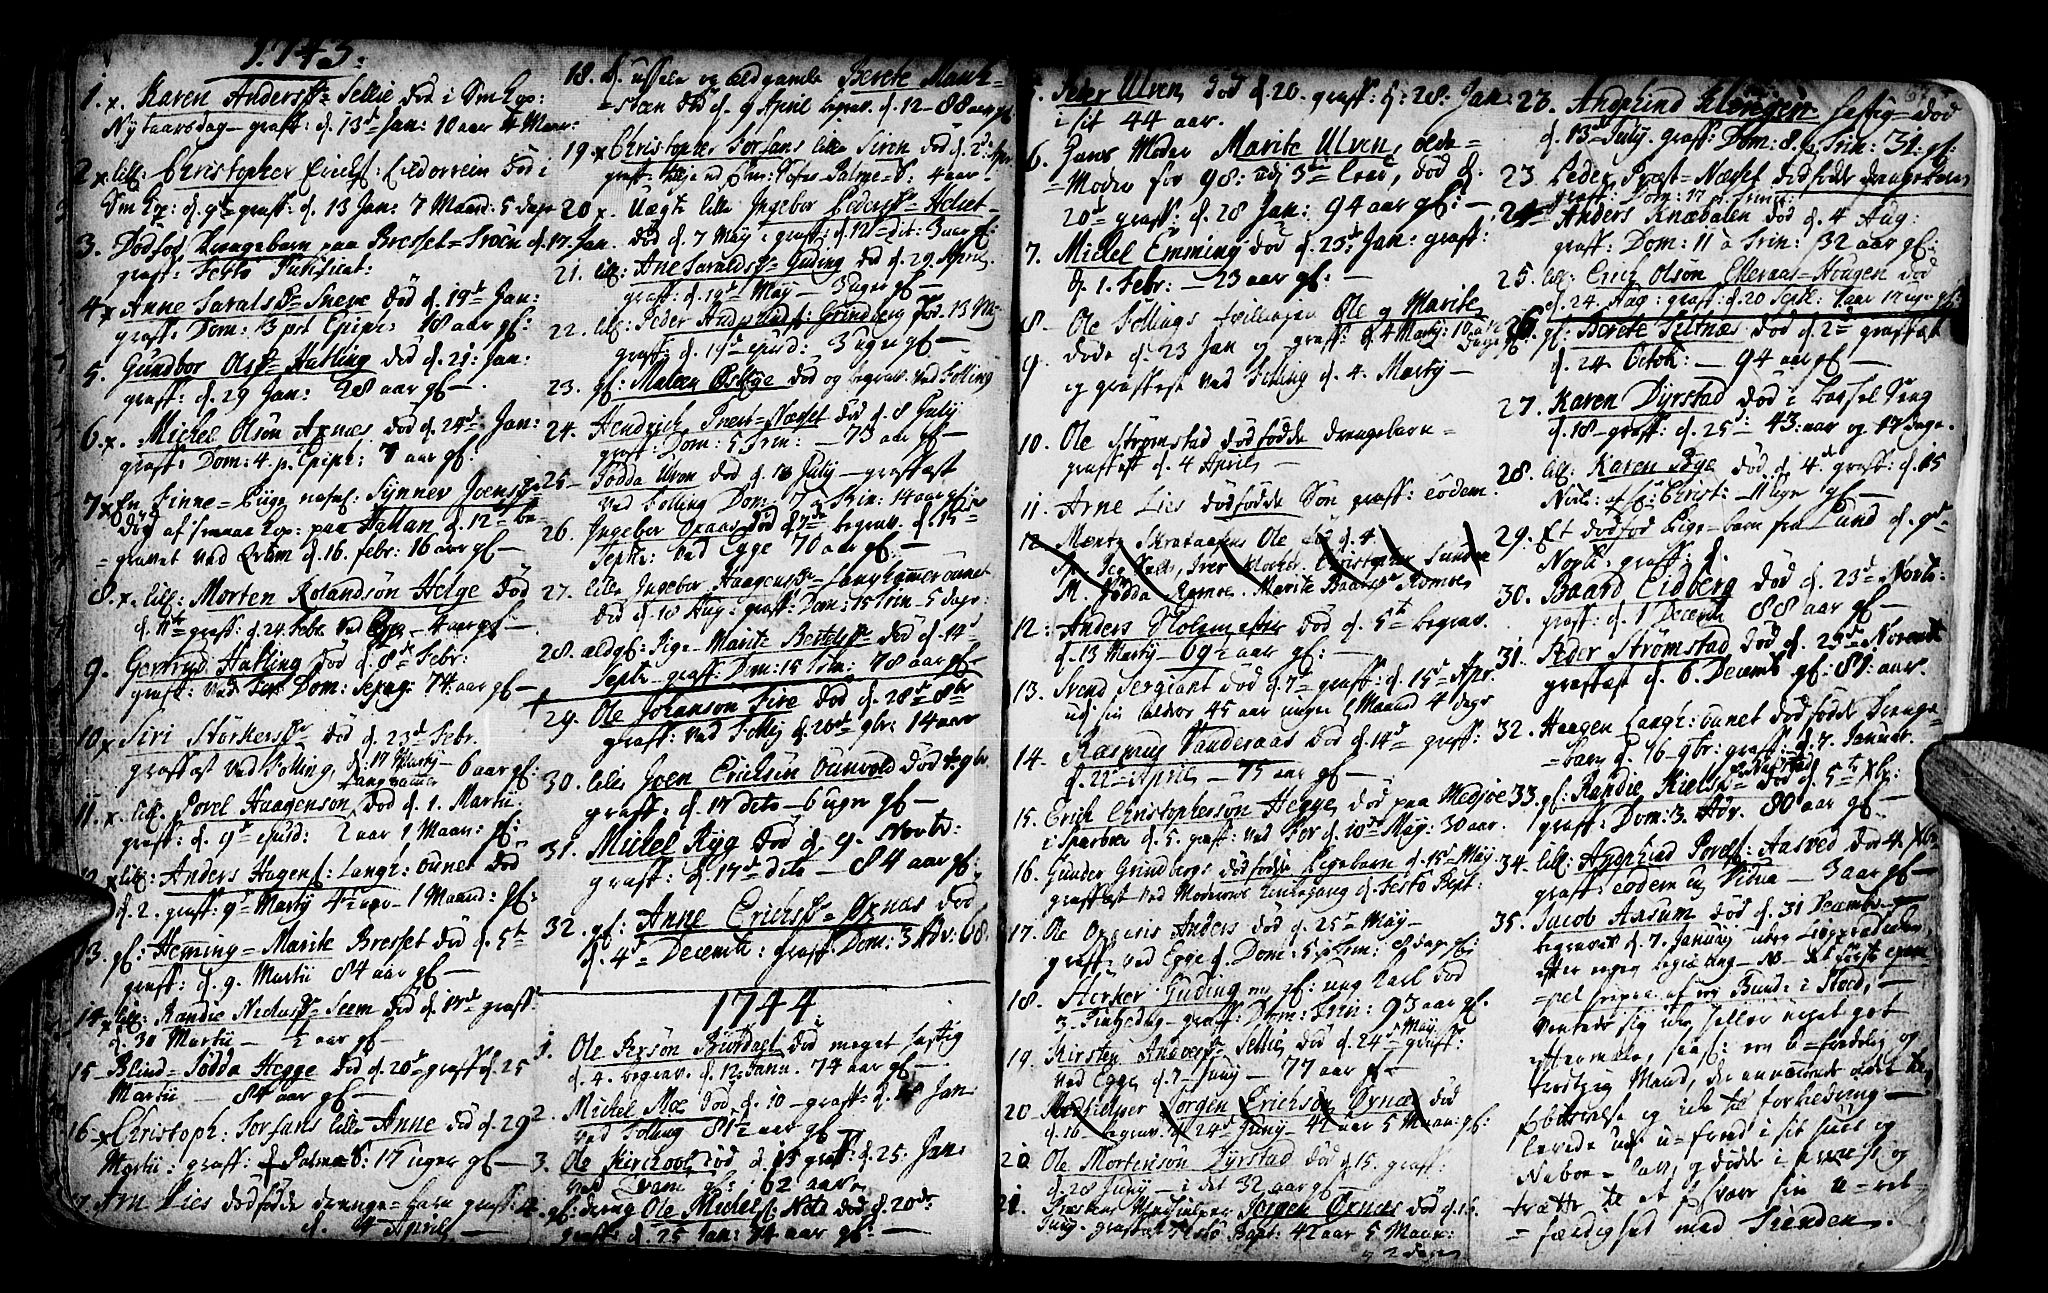 SAT, Ministerialprotokoller, klokkerbøker og fødselsregistre - Nord-Trøndelag, 746/L0439: Parish register (official) no. 746A01, 1688-1759, p. 67